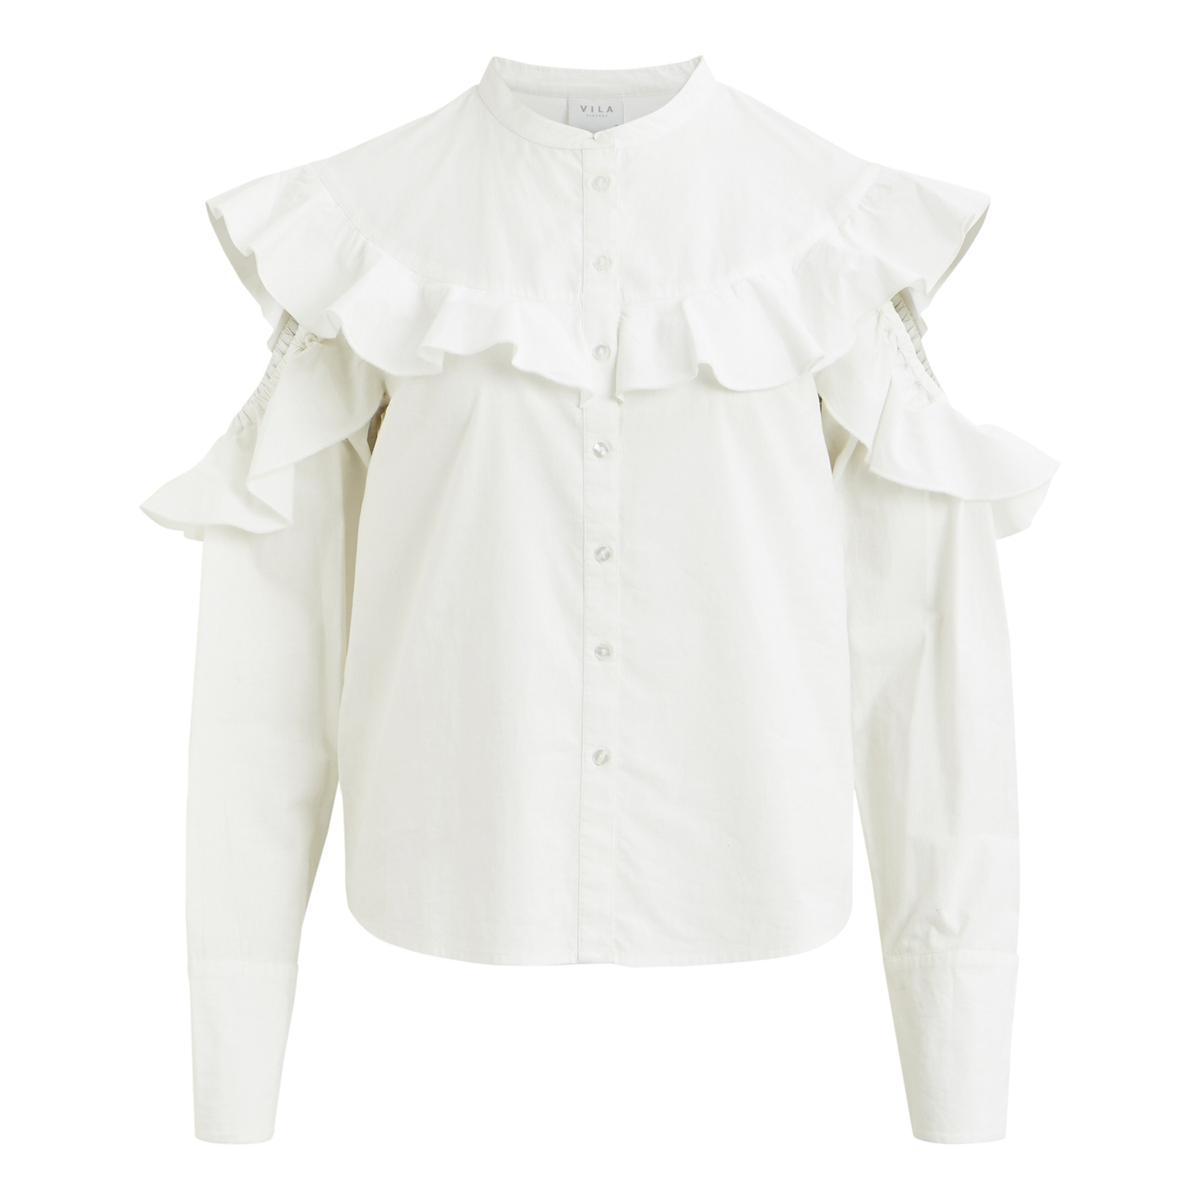 Рубашка однотонная с воротником-стойкой и длинными рукавамиОписание:Детали •  Длинные рукава •  Прямой покрой •  Воротник-стойкаСостав и уход •  100% хлопок •  Следуйте советам по уходу, указанным на этикетке<br><br>Цвет: белый<br>Размер: XS.S